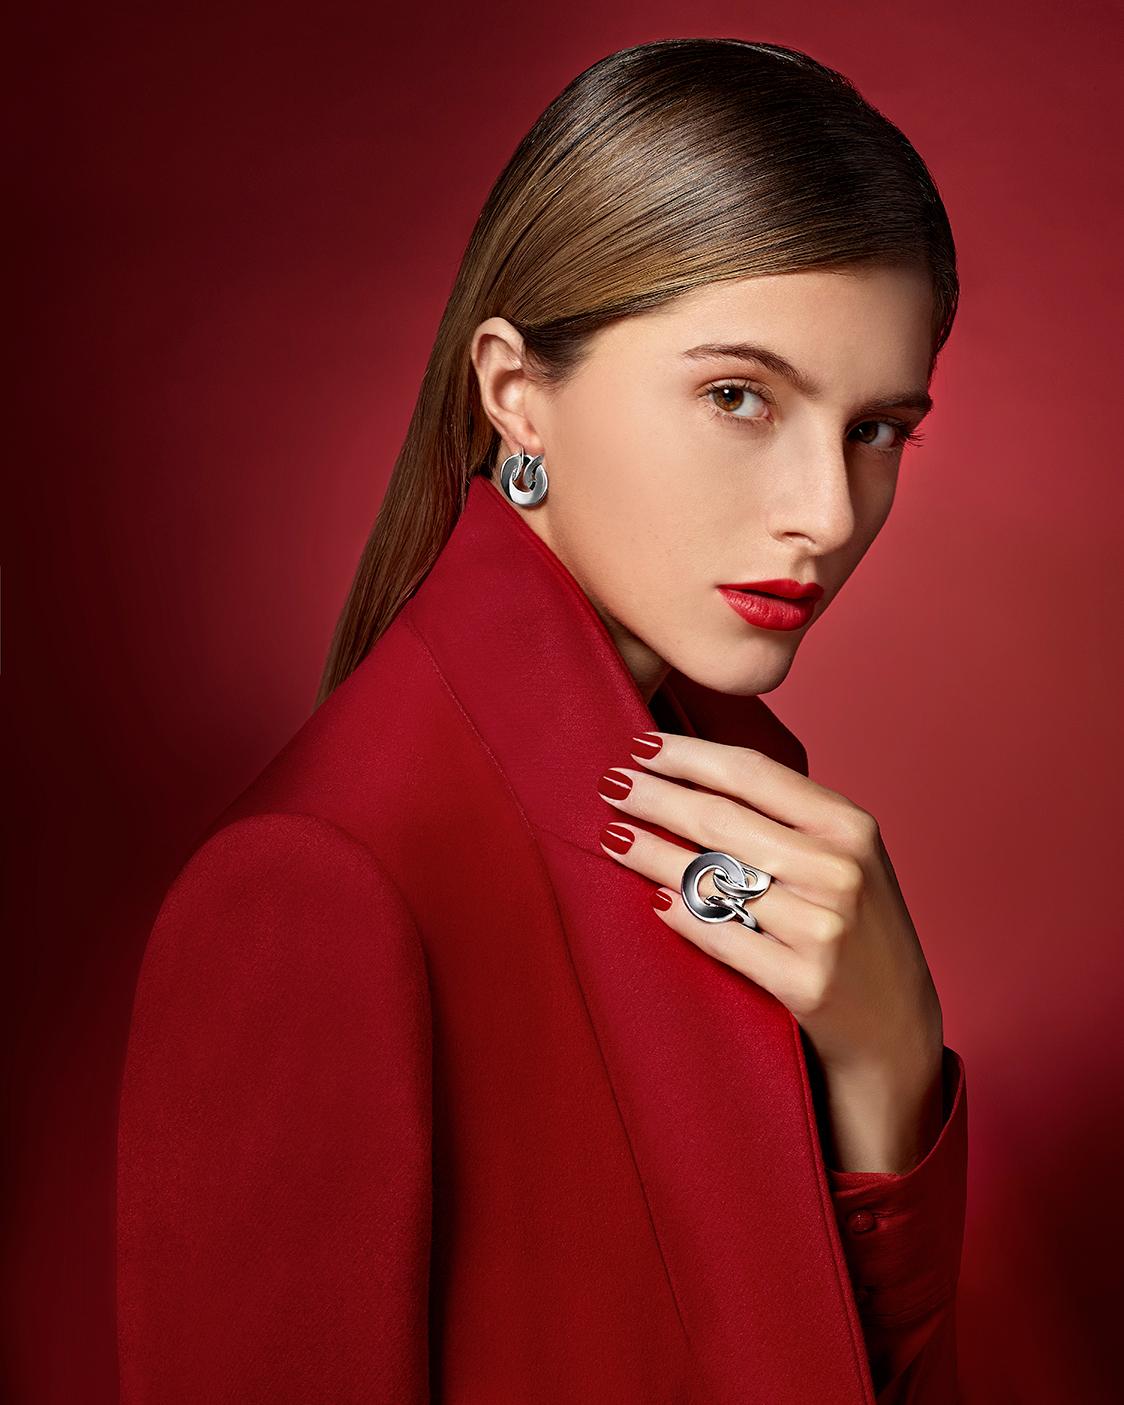 Рекламная кампания IRIS APFEL /  фото Manuel Outumuro модель Iris Apfel